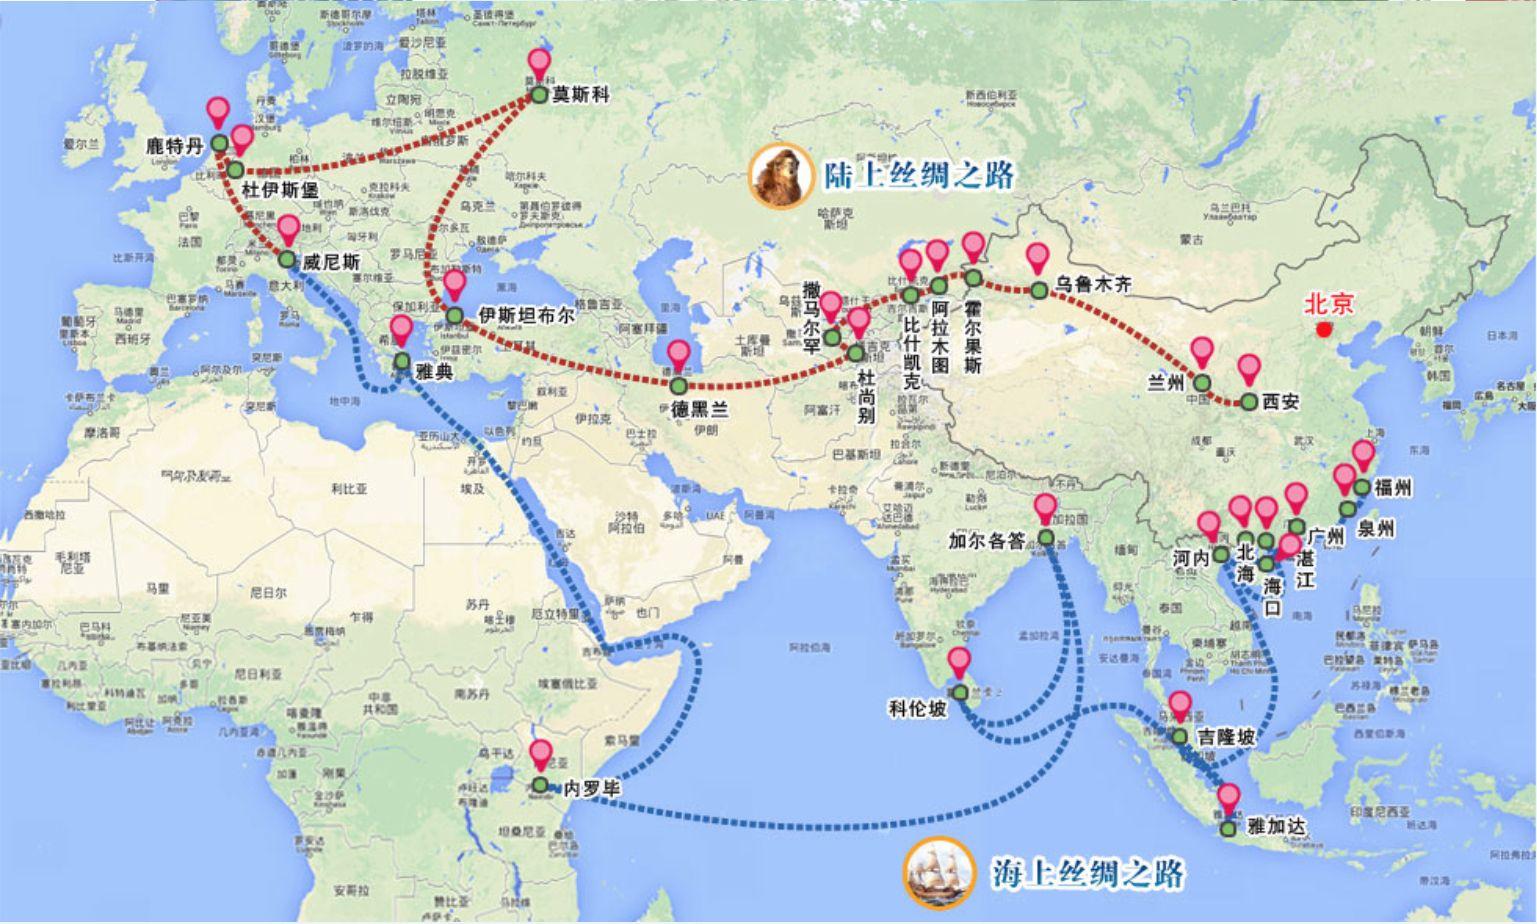 """Carta 1: """"Via della seta terrestre e via della seta marittima"""". Xinhua, 2013."""